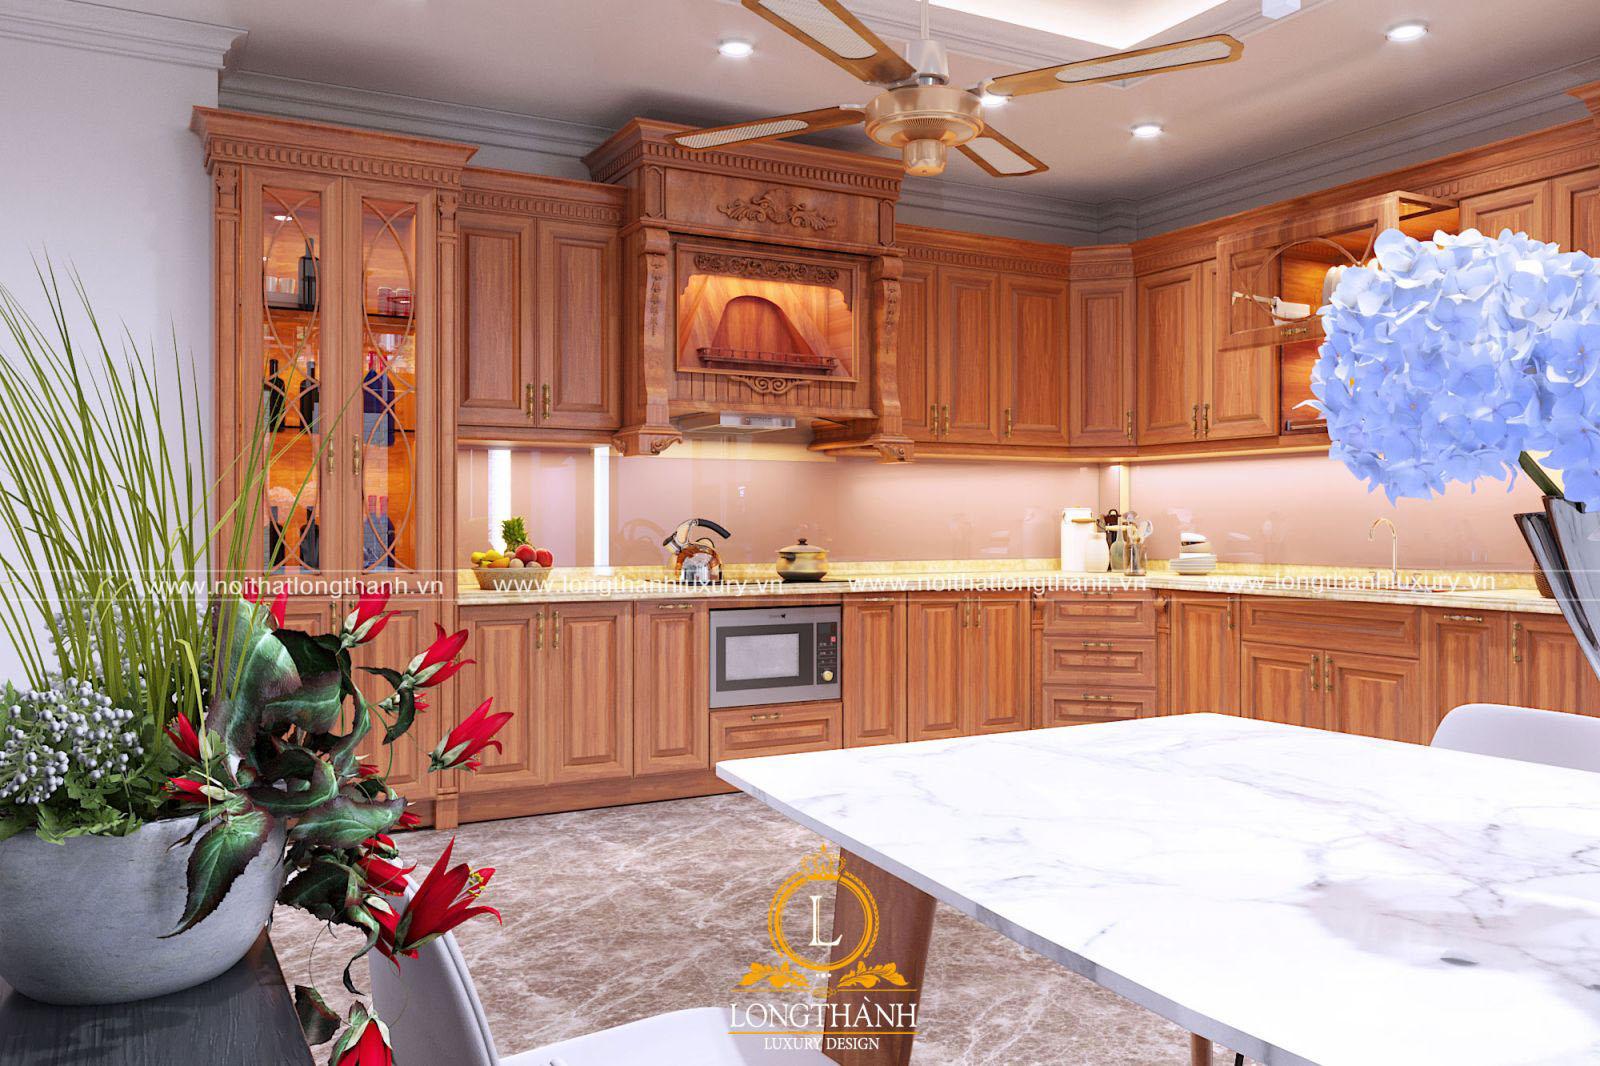 Tủ bếp tân cổ điển gỗ Gõ đầy đủ công năng, tiện nghi